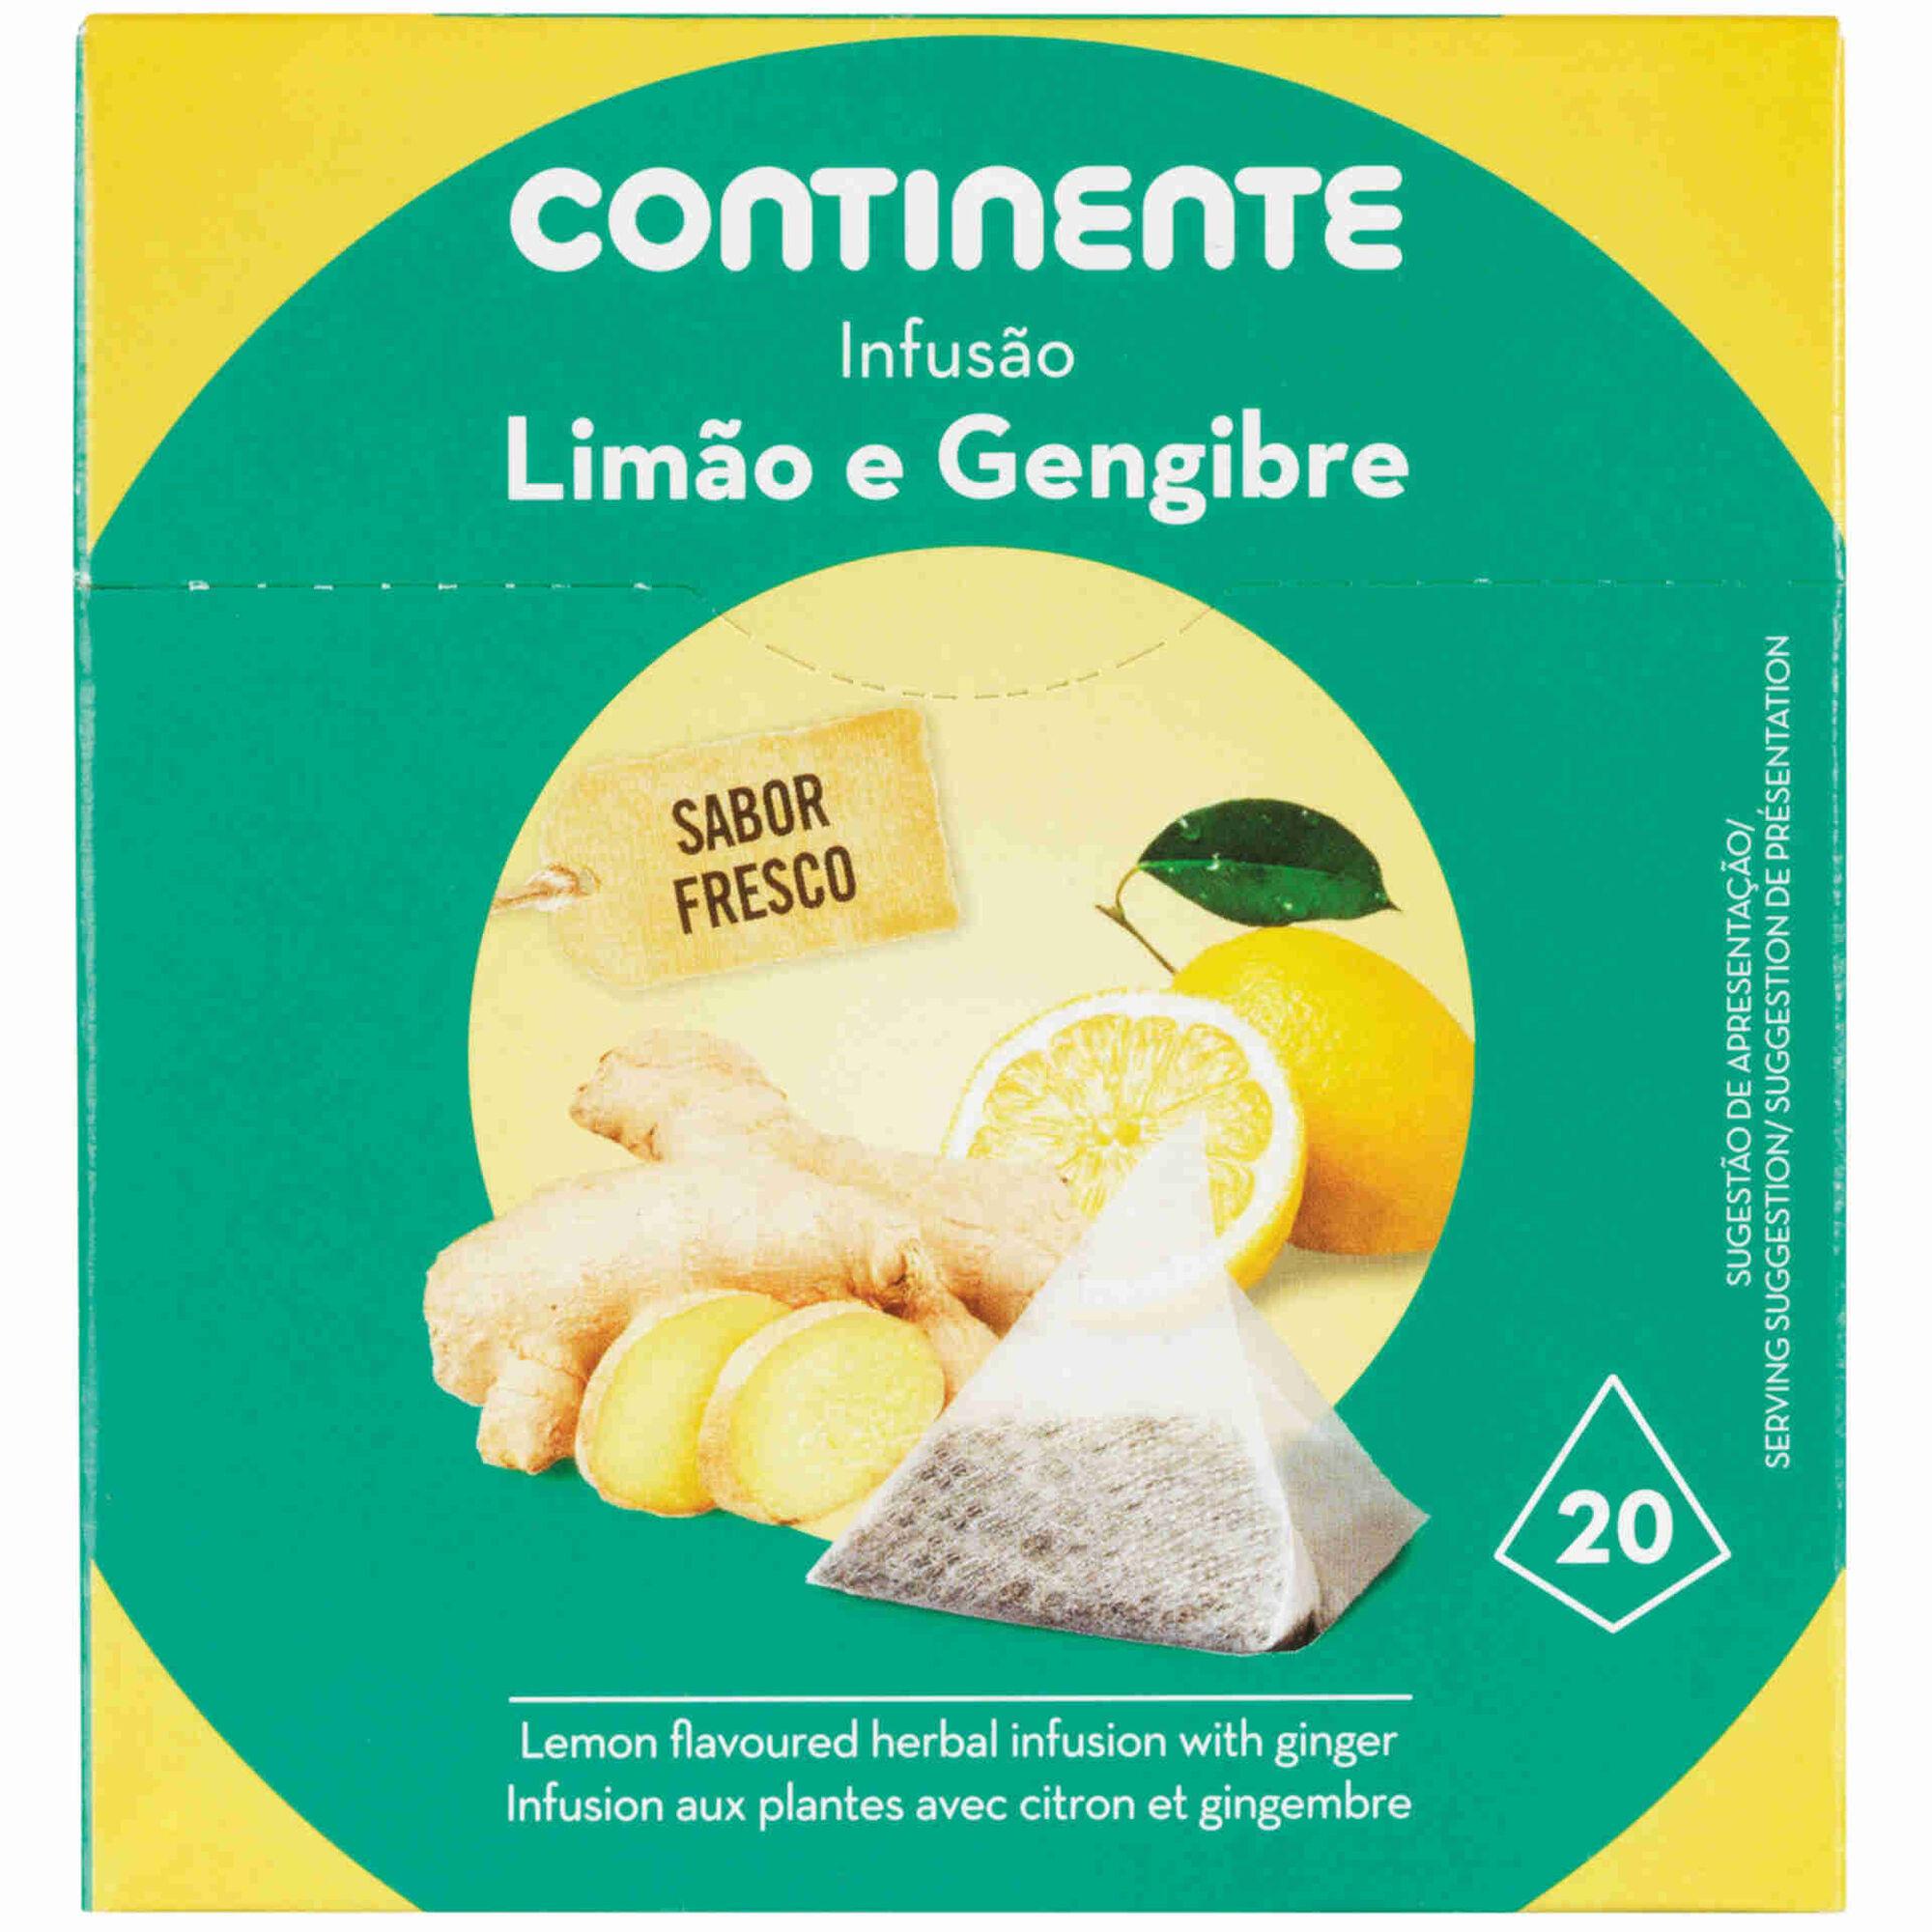 Infusão Limão e Gengibre Pyramid